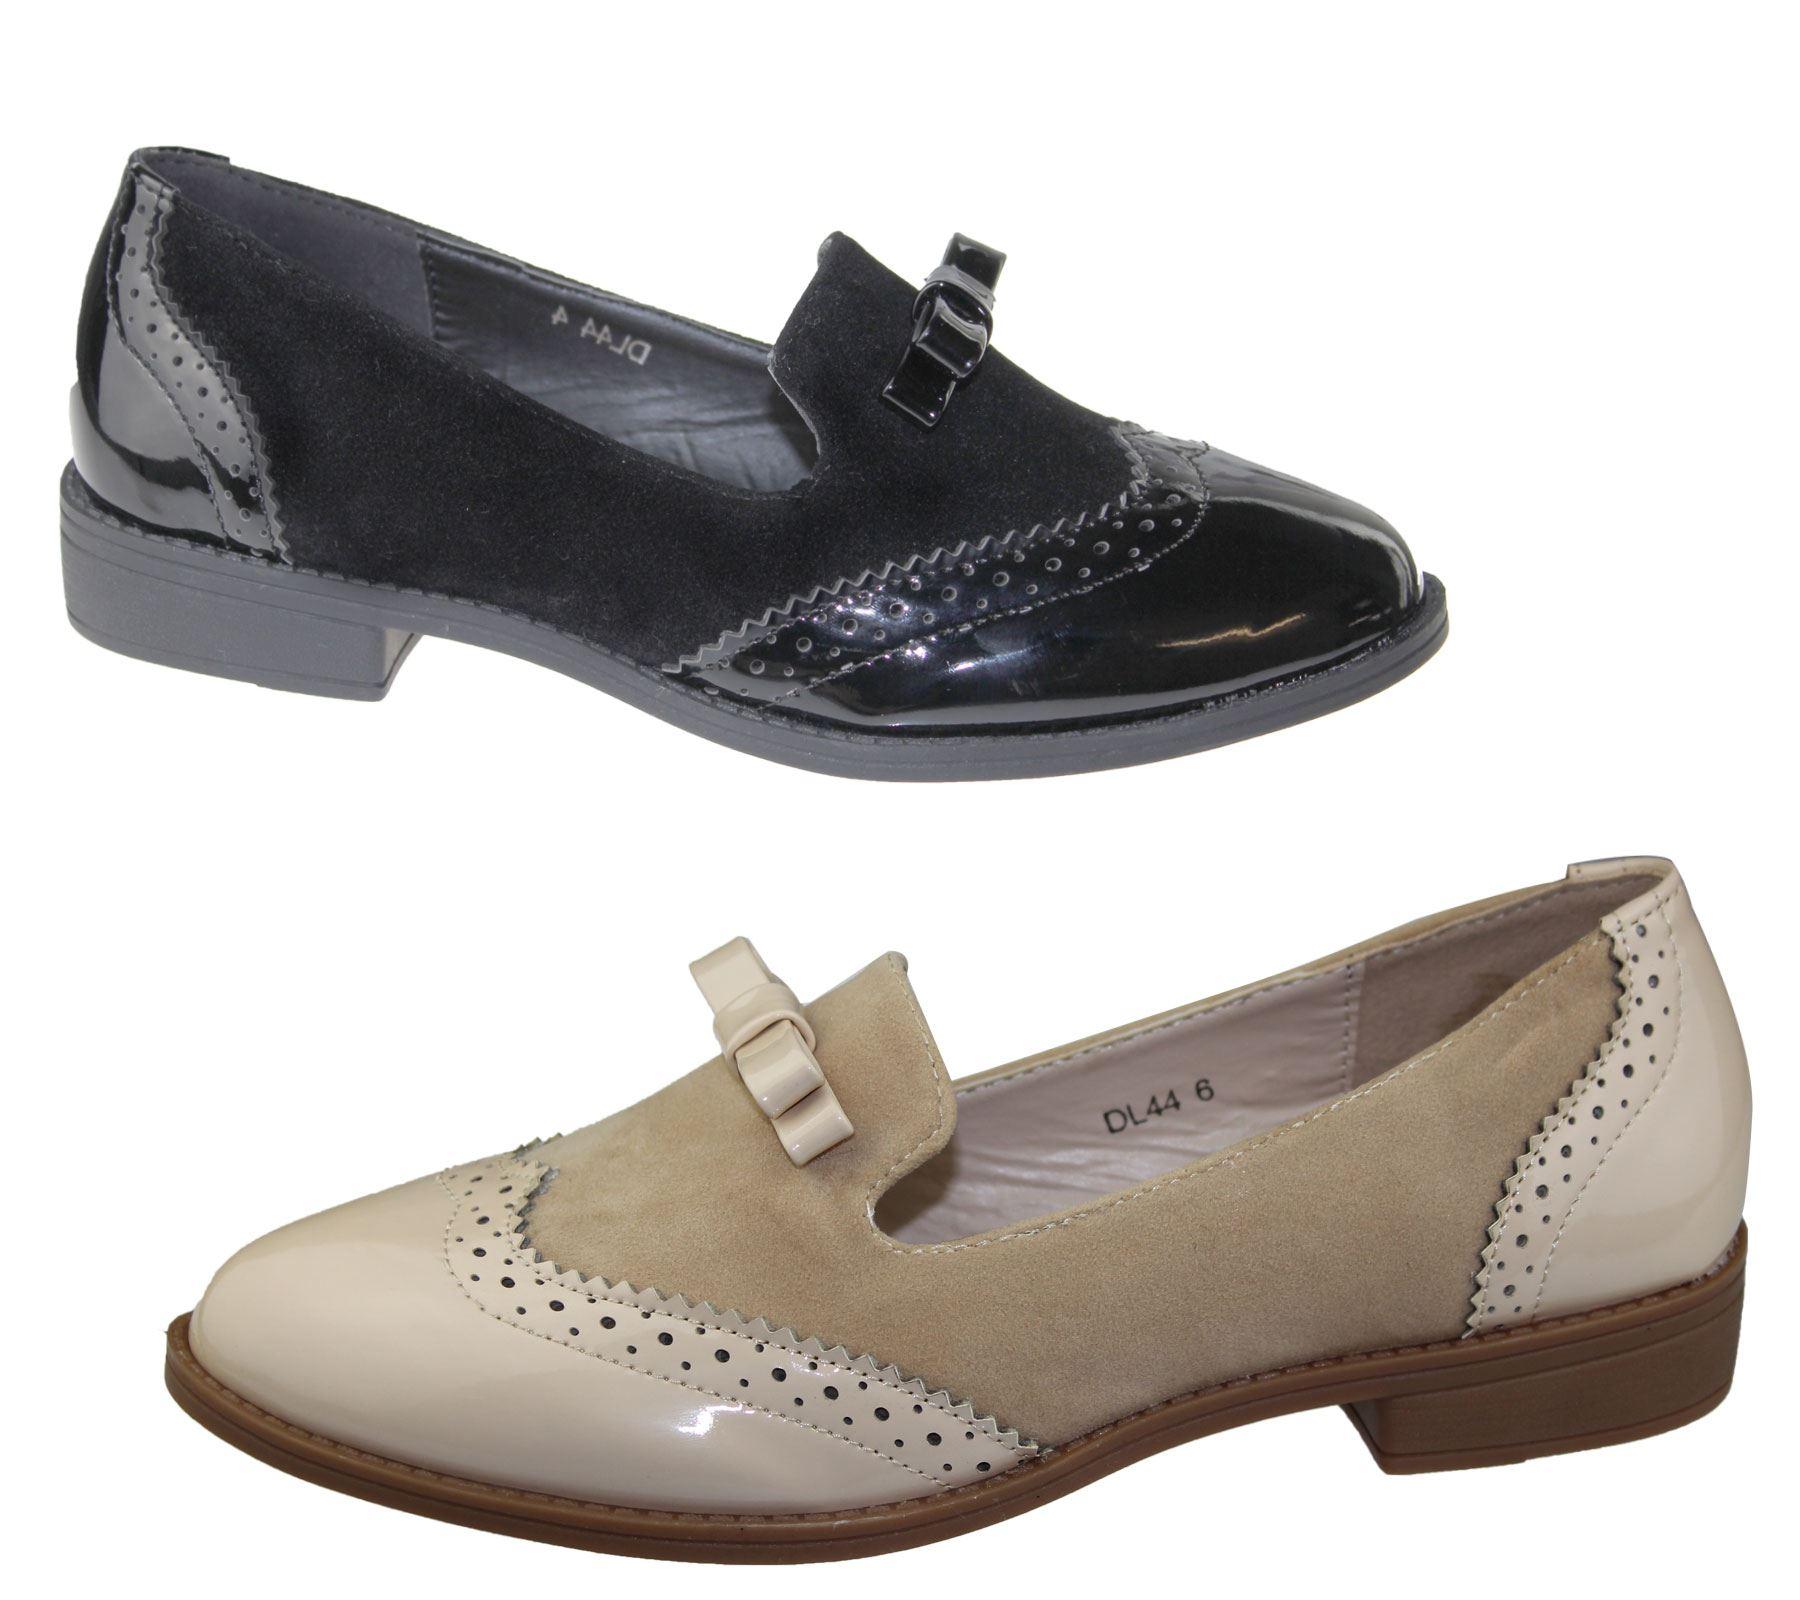 XTI Damen AnkleStiefel 45108 18b04vgde34338 Neue Schuhe